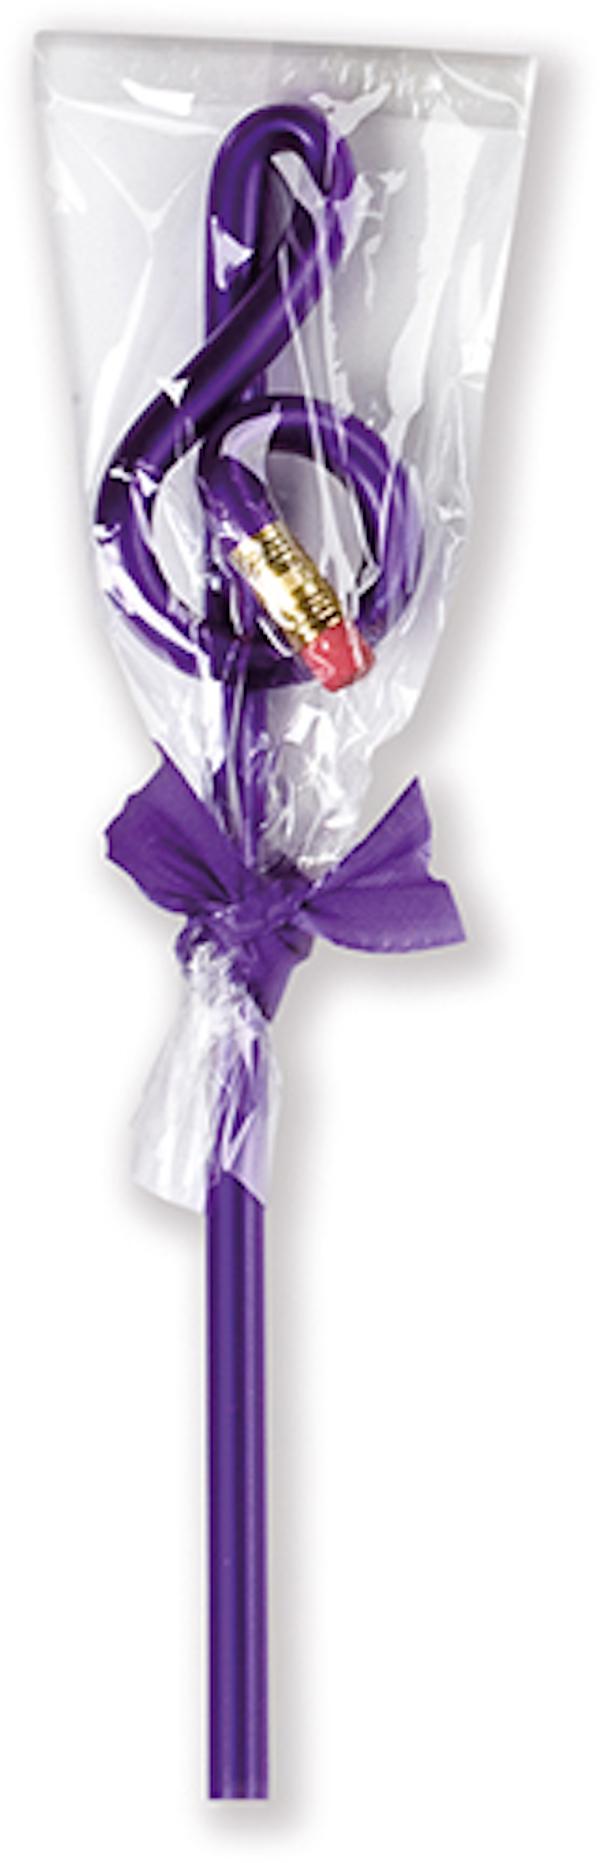 Violinschlüsselbleistift violett de luxe